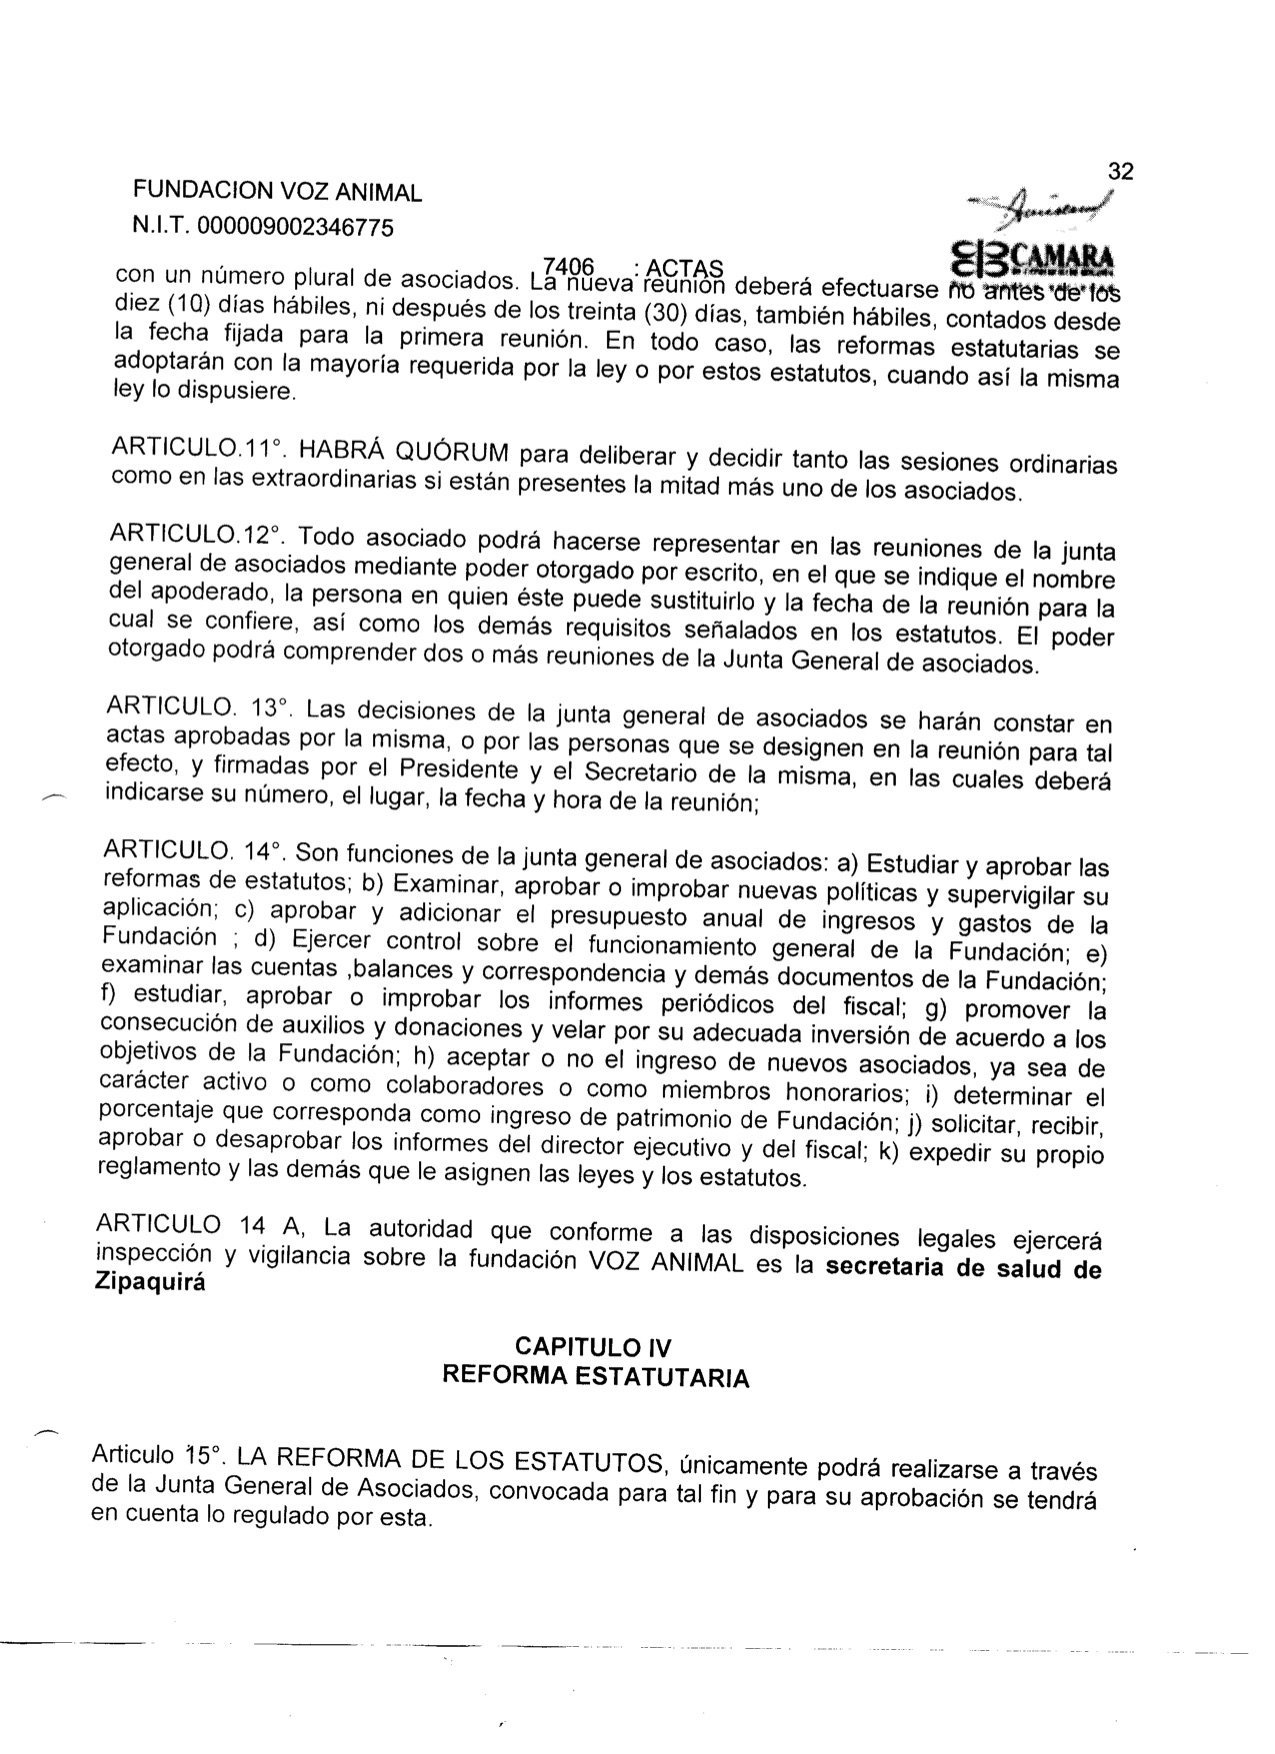 7. ACTA ASAMBLEA DE SOCIOS 2018 10